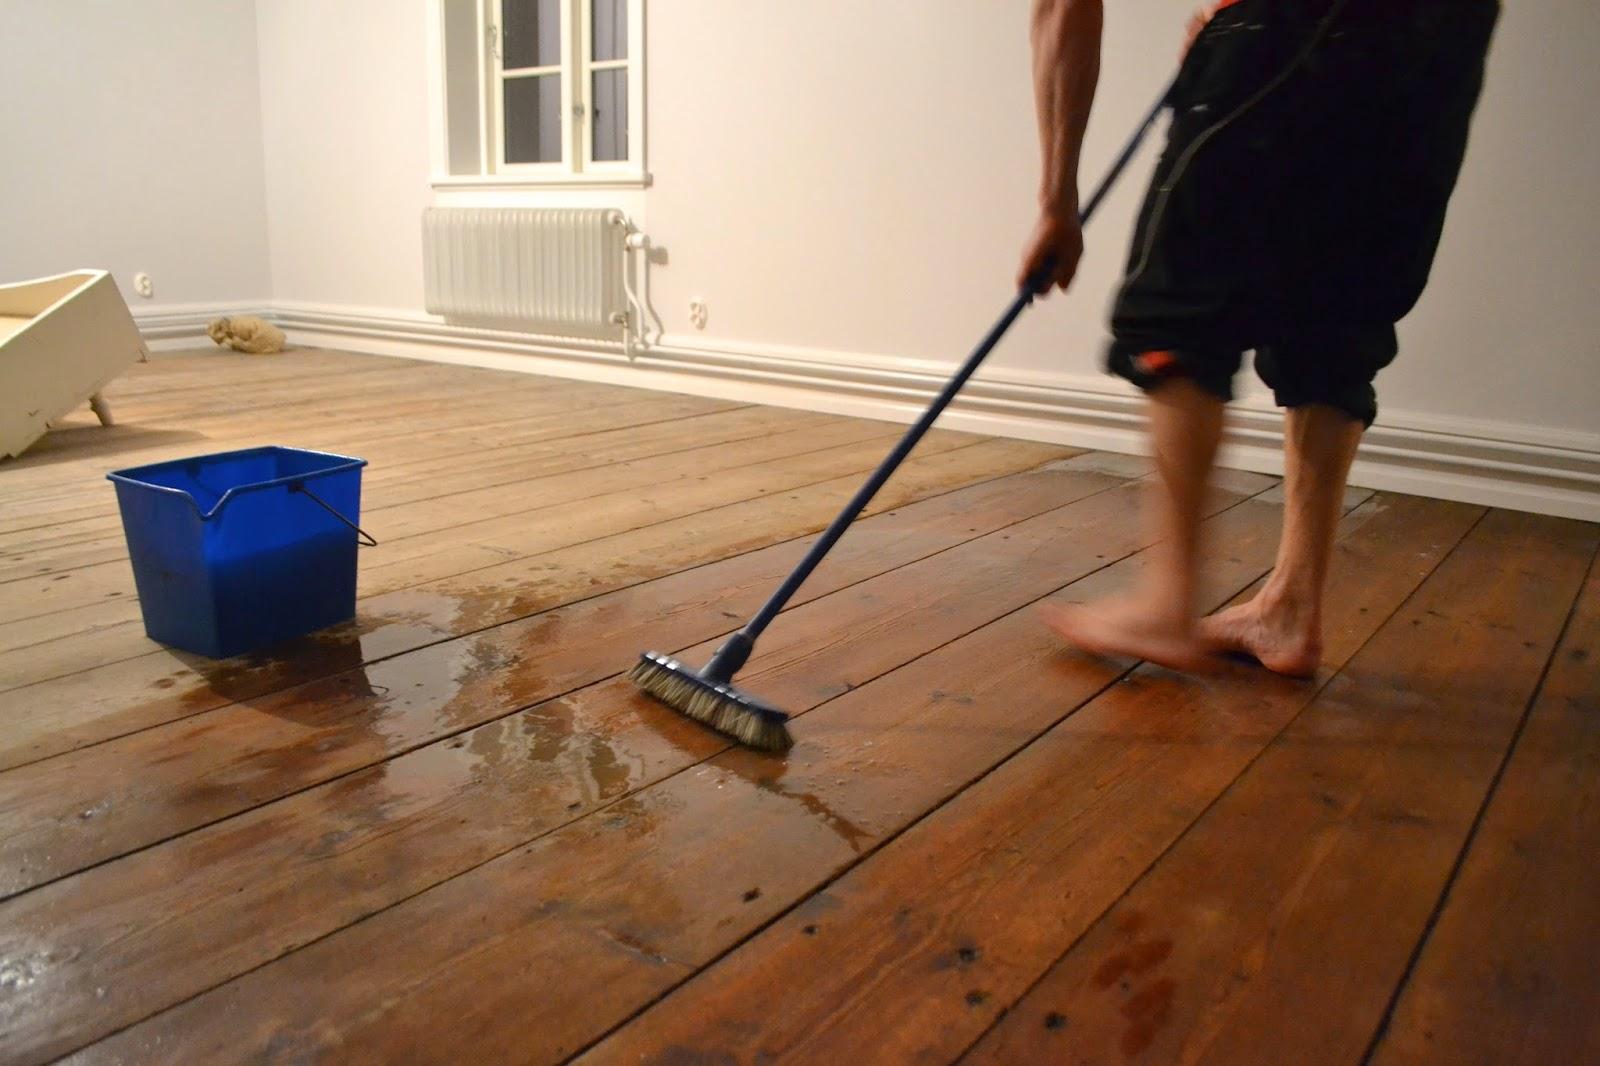 Boåsen: Såpaskurade golv